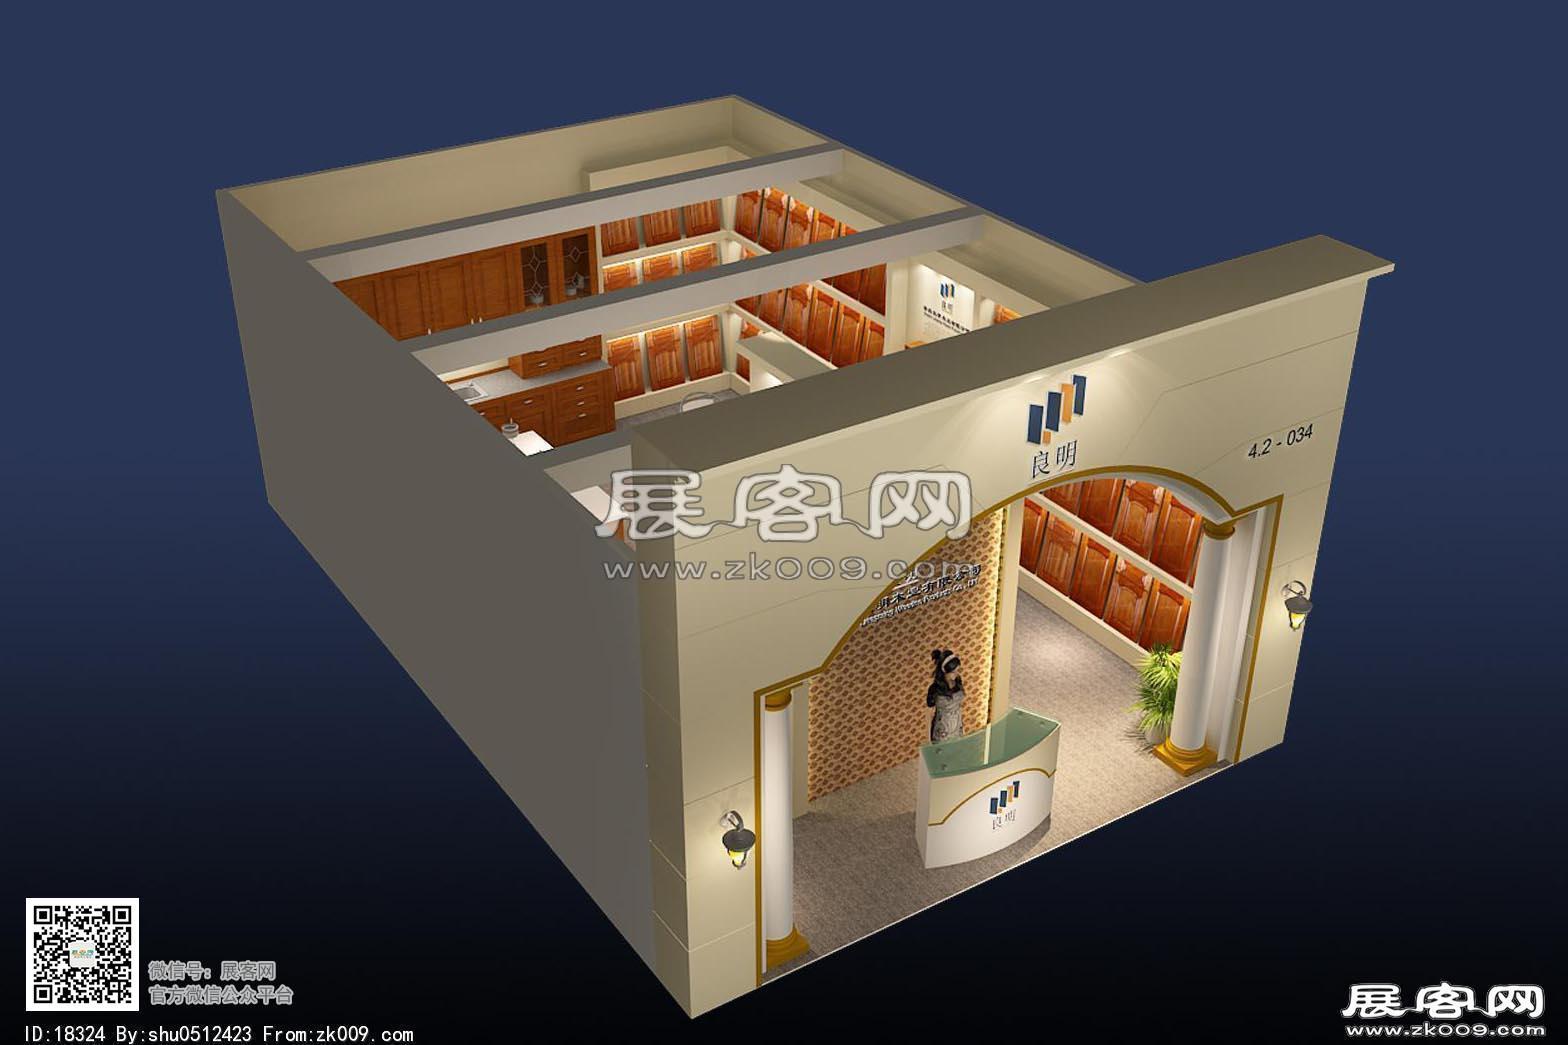 良明木业展览模型